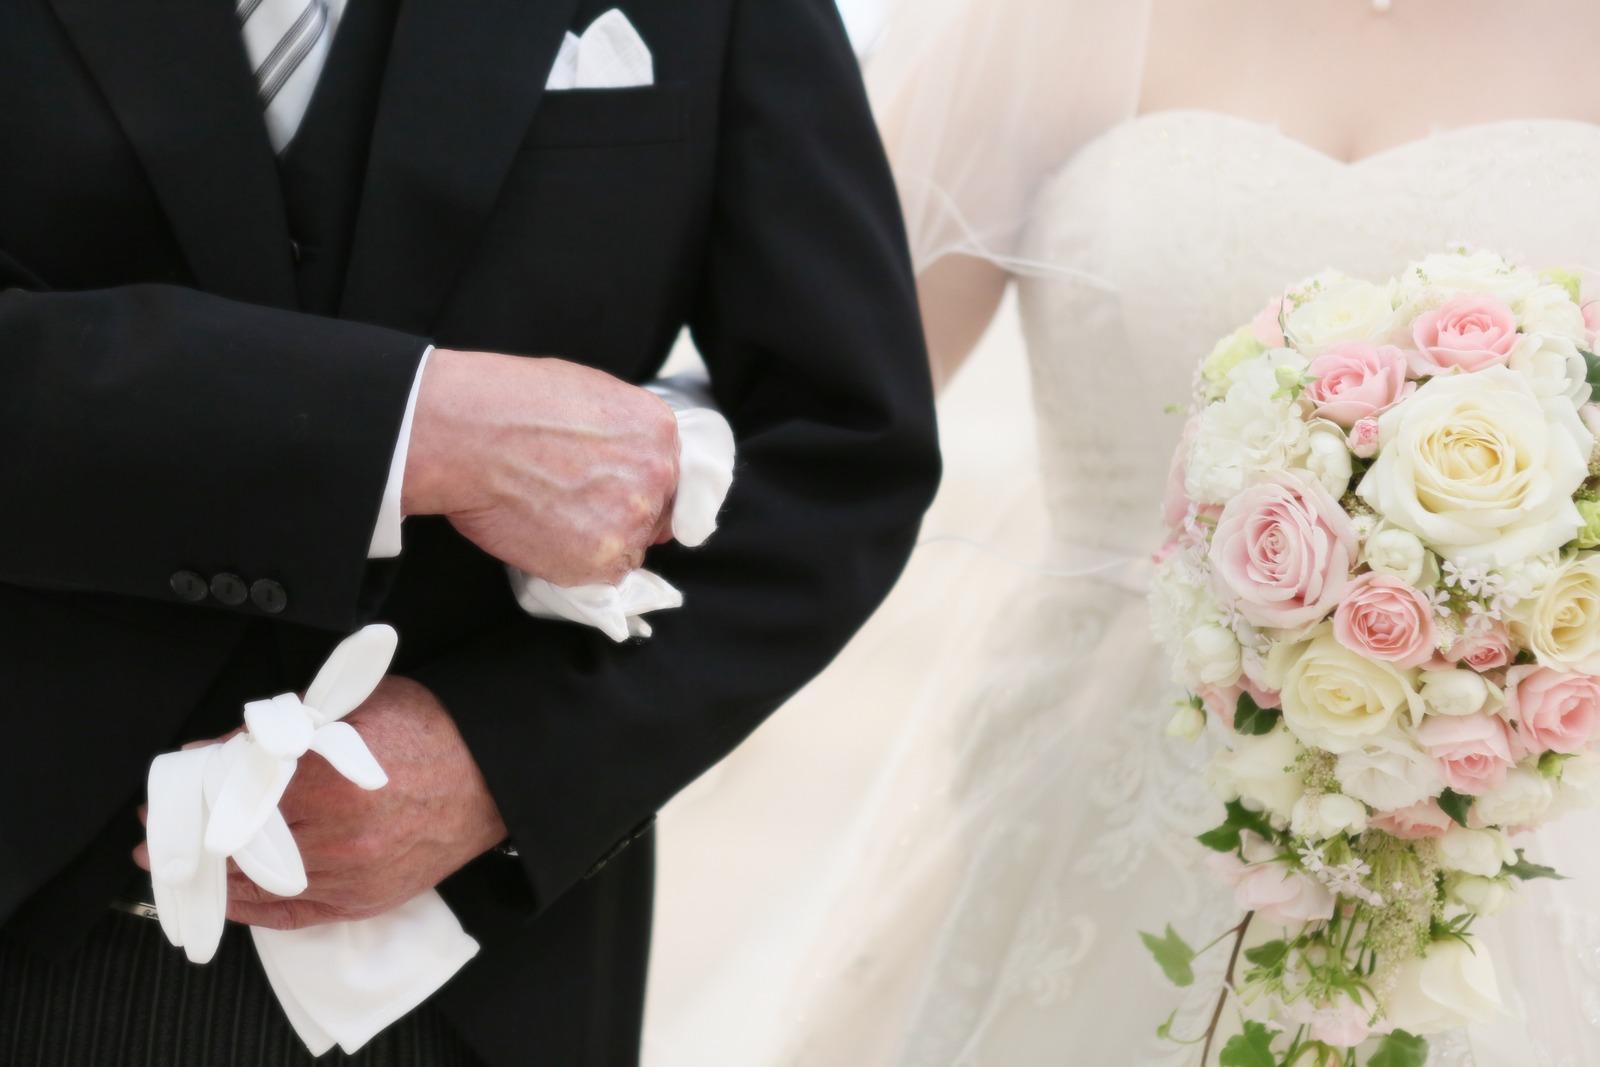 徳島市の結婚式場ブランアンジュでお父様の腕を組み入場する新婦